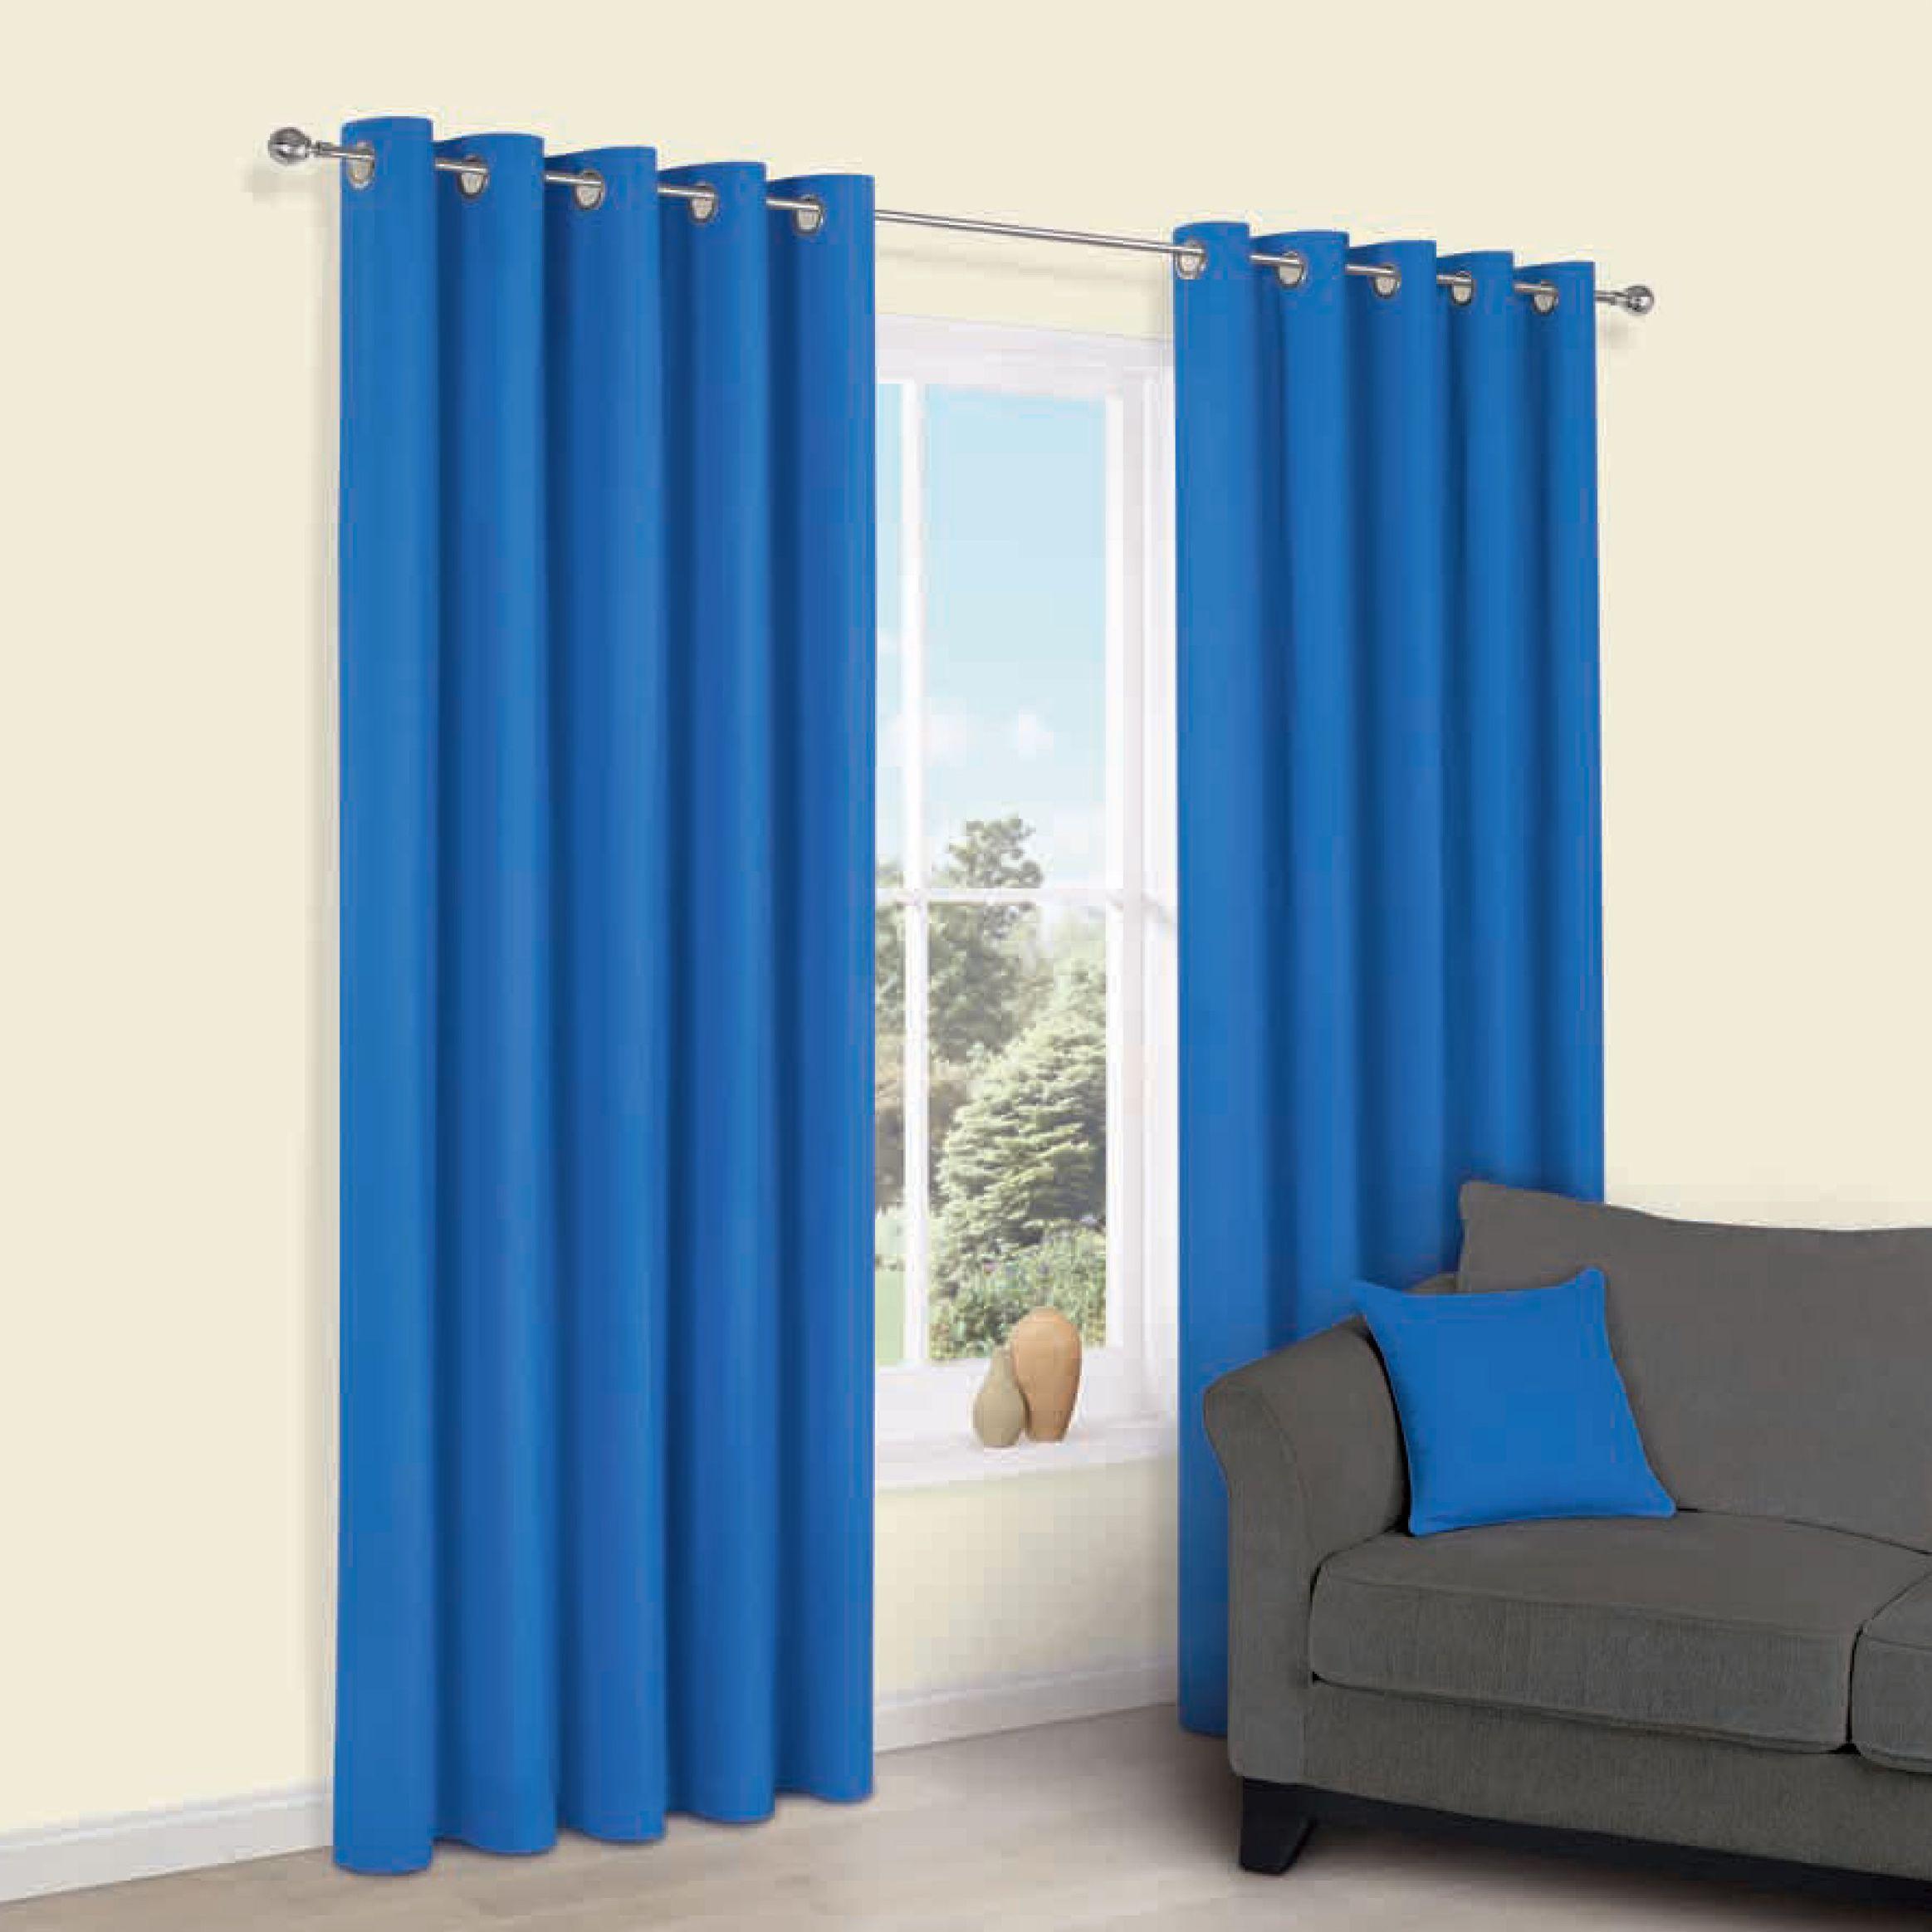 Zen Blue Plain Eyelet Curtains (W)167cm (L)228cm | Departments | DIY at B&Q.